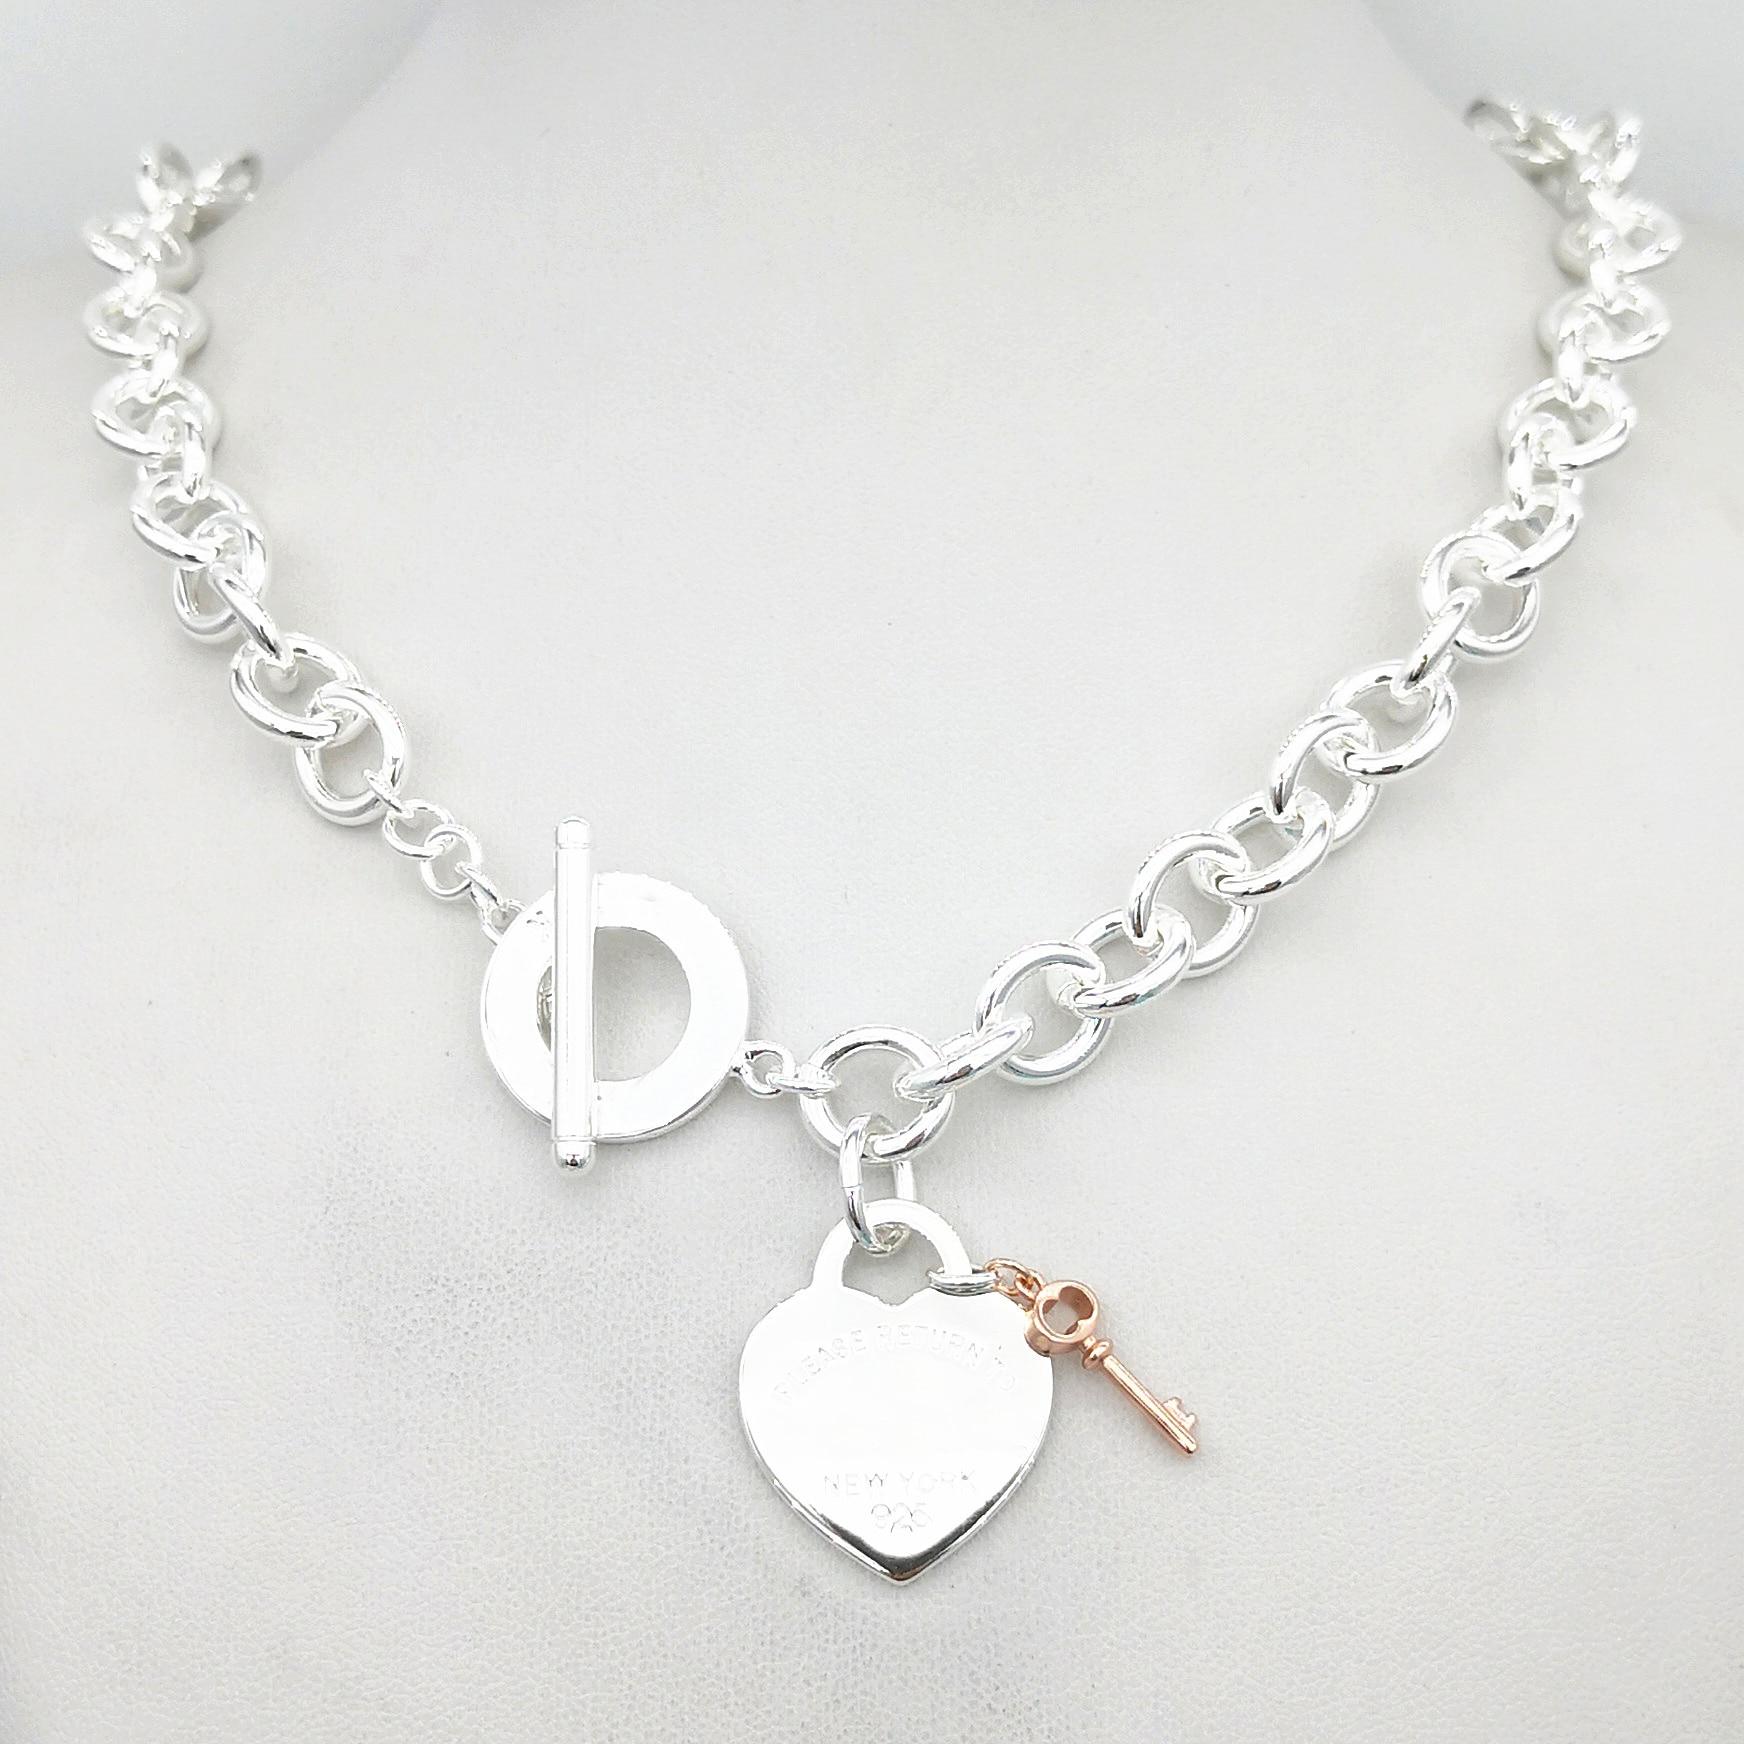 Женское классическое серебряное ожерелье с подвеской в виде сердца из розового золота, женское ожерелье из стерлингового серебра с круглым